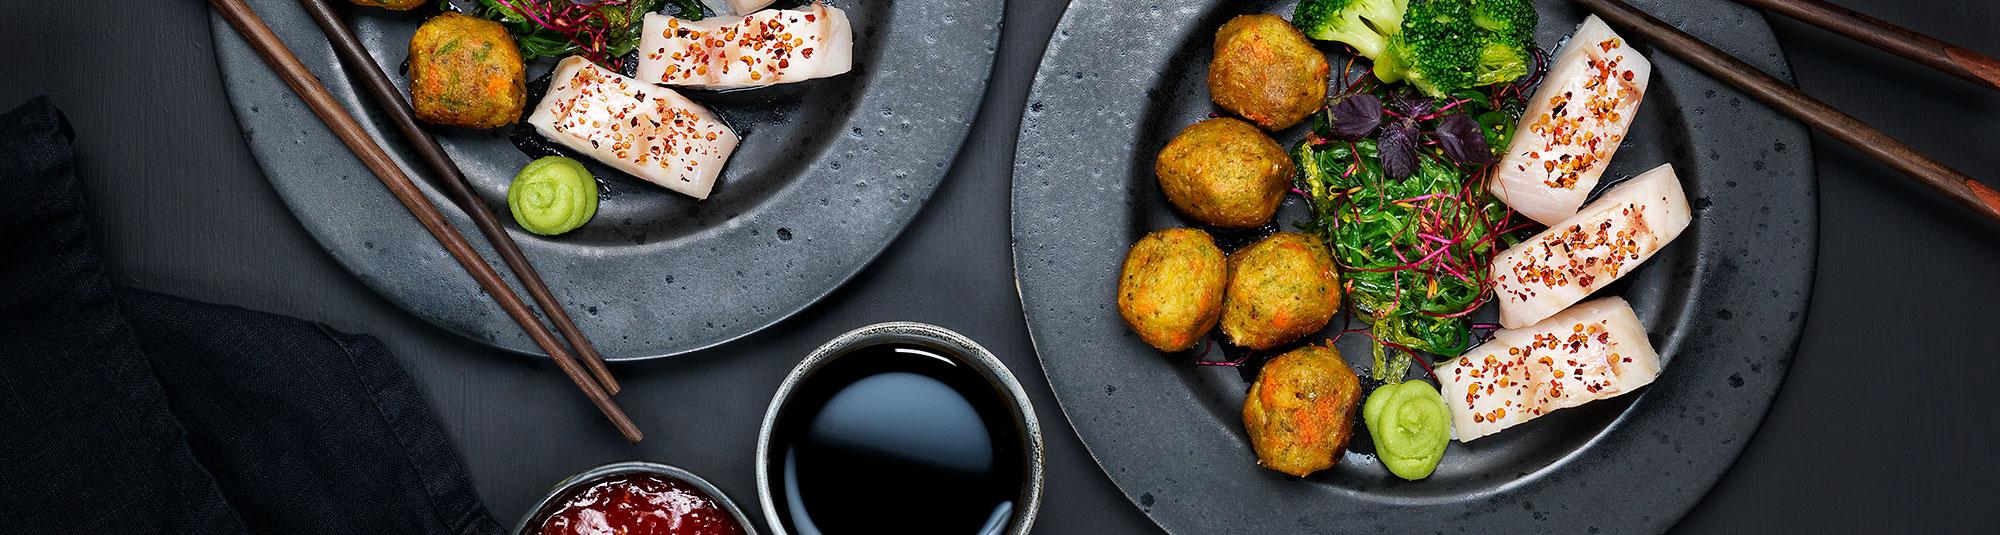 Torskrygg & asiatiska grönsaksbullar